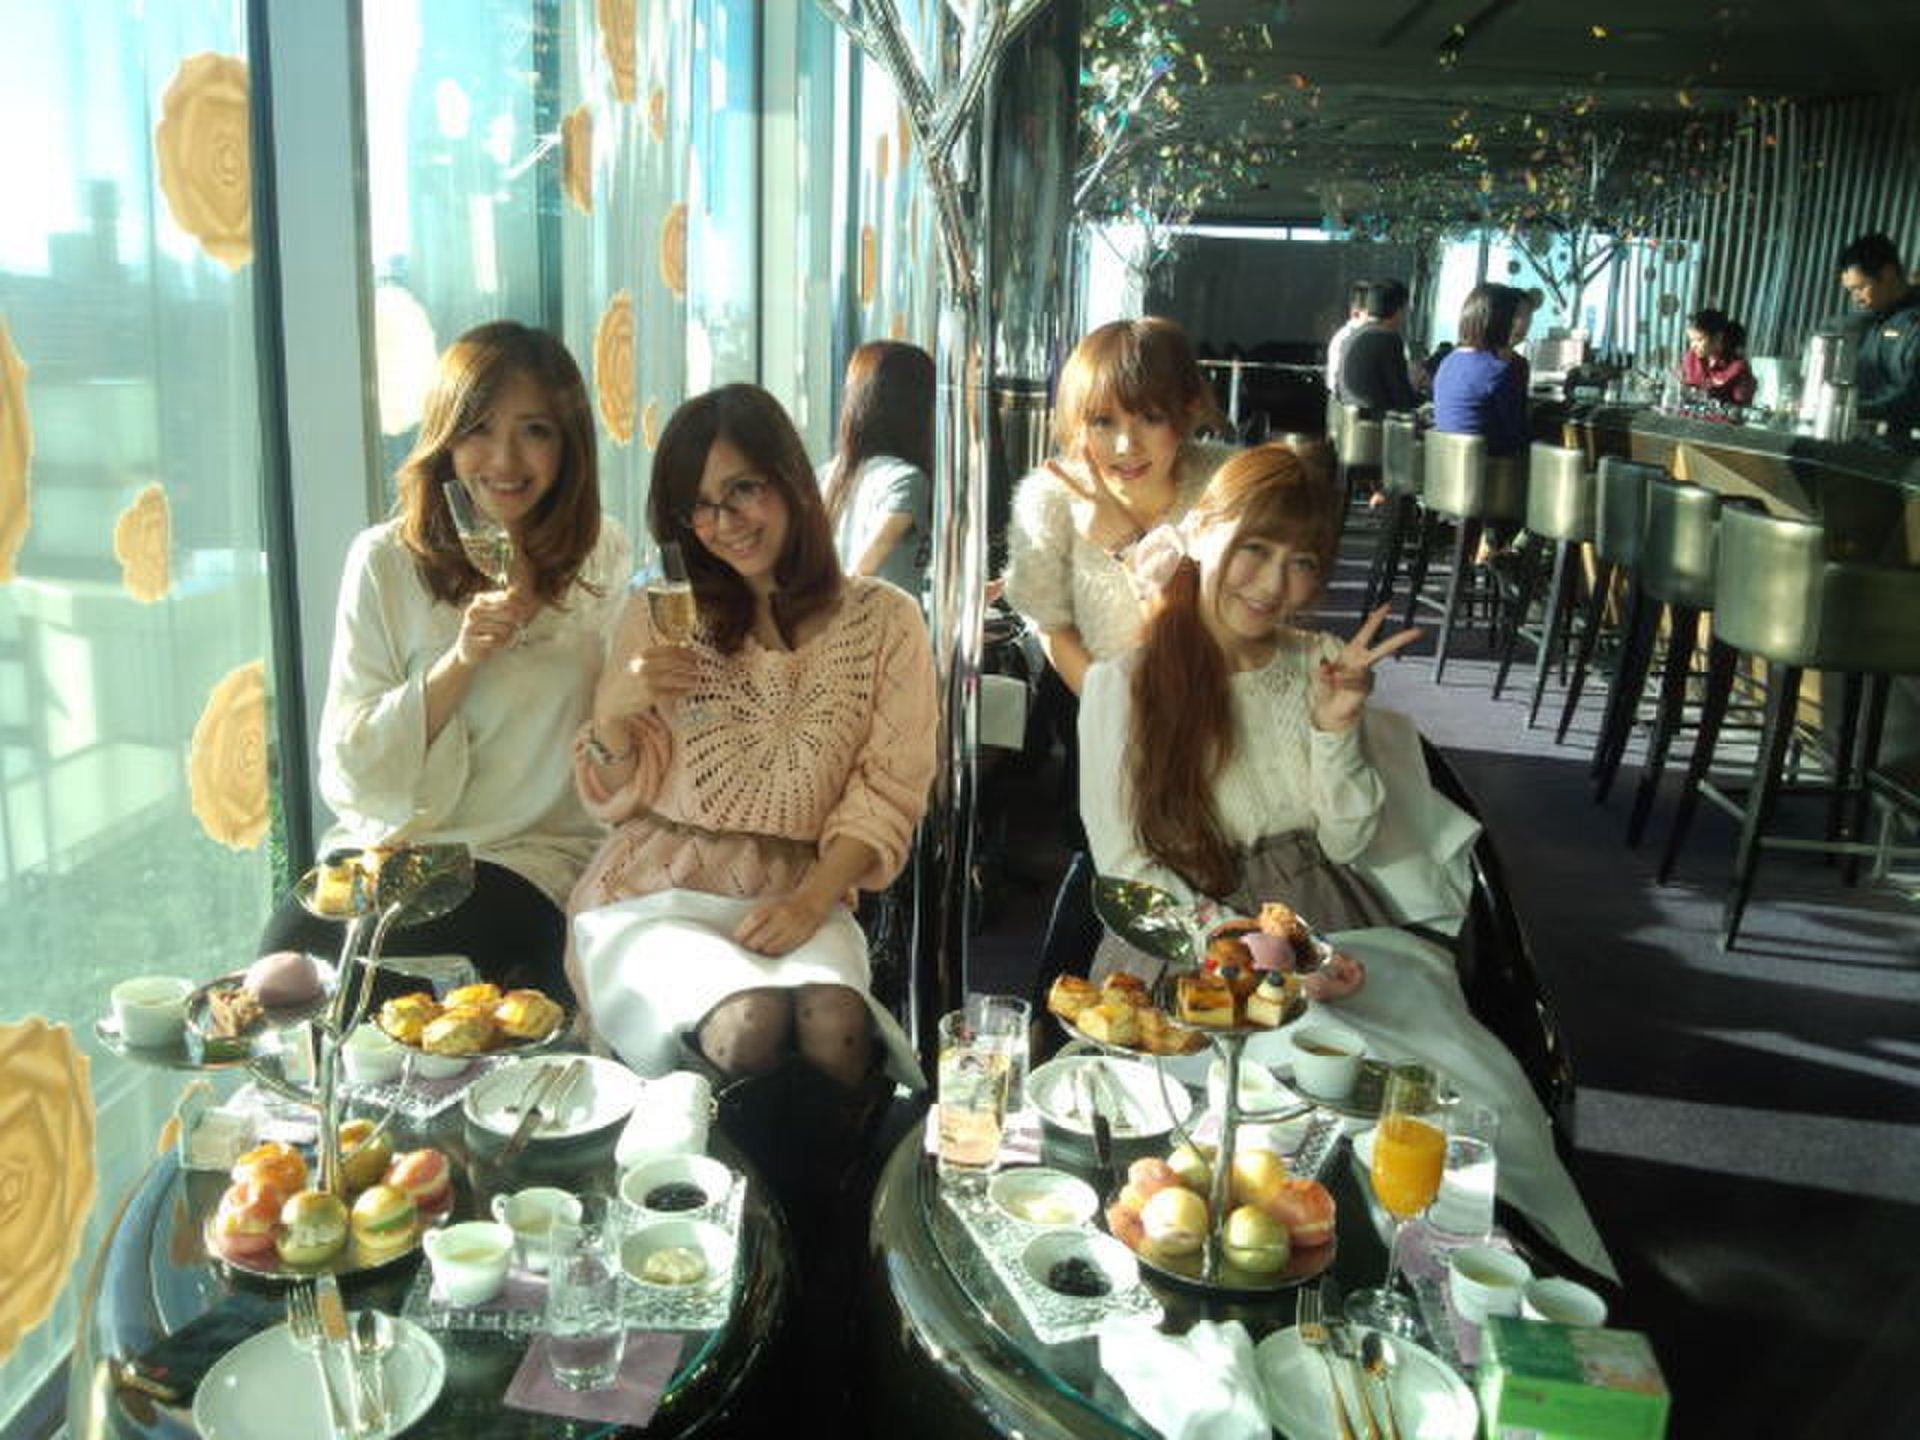 ザ・ペニンシュラホテル東京の「Peter」でアフタヌーンティー女子会